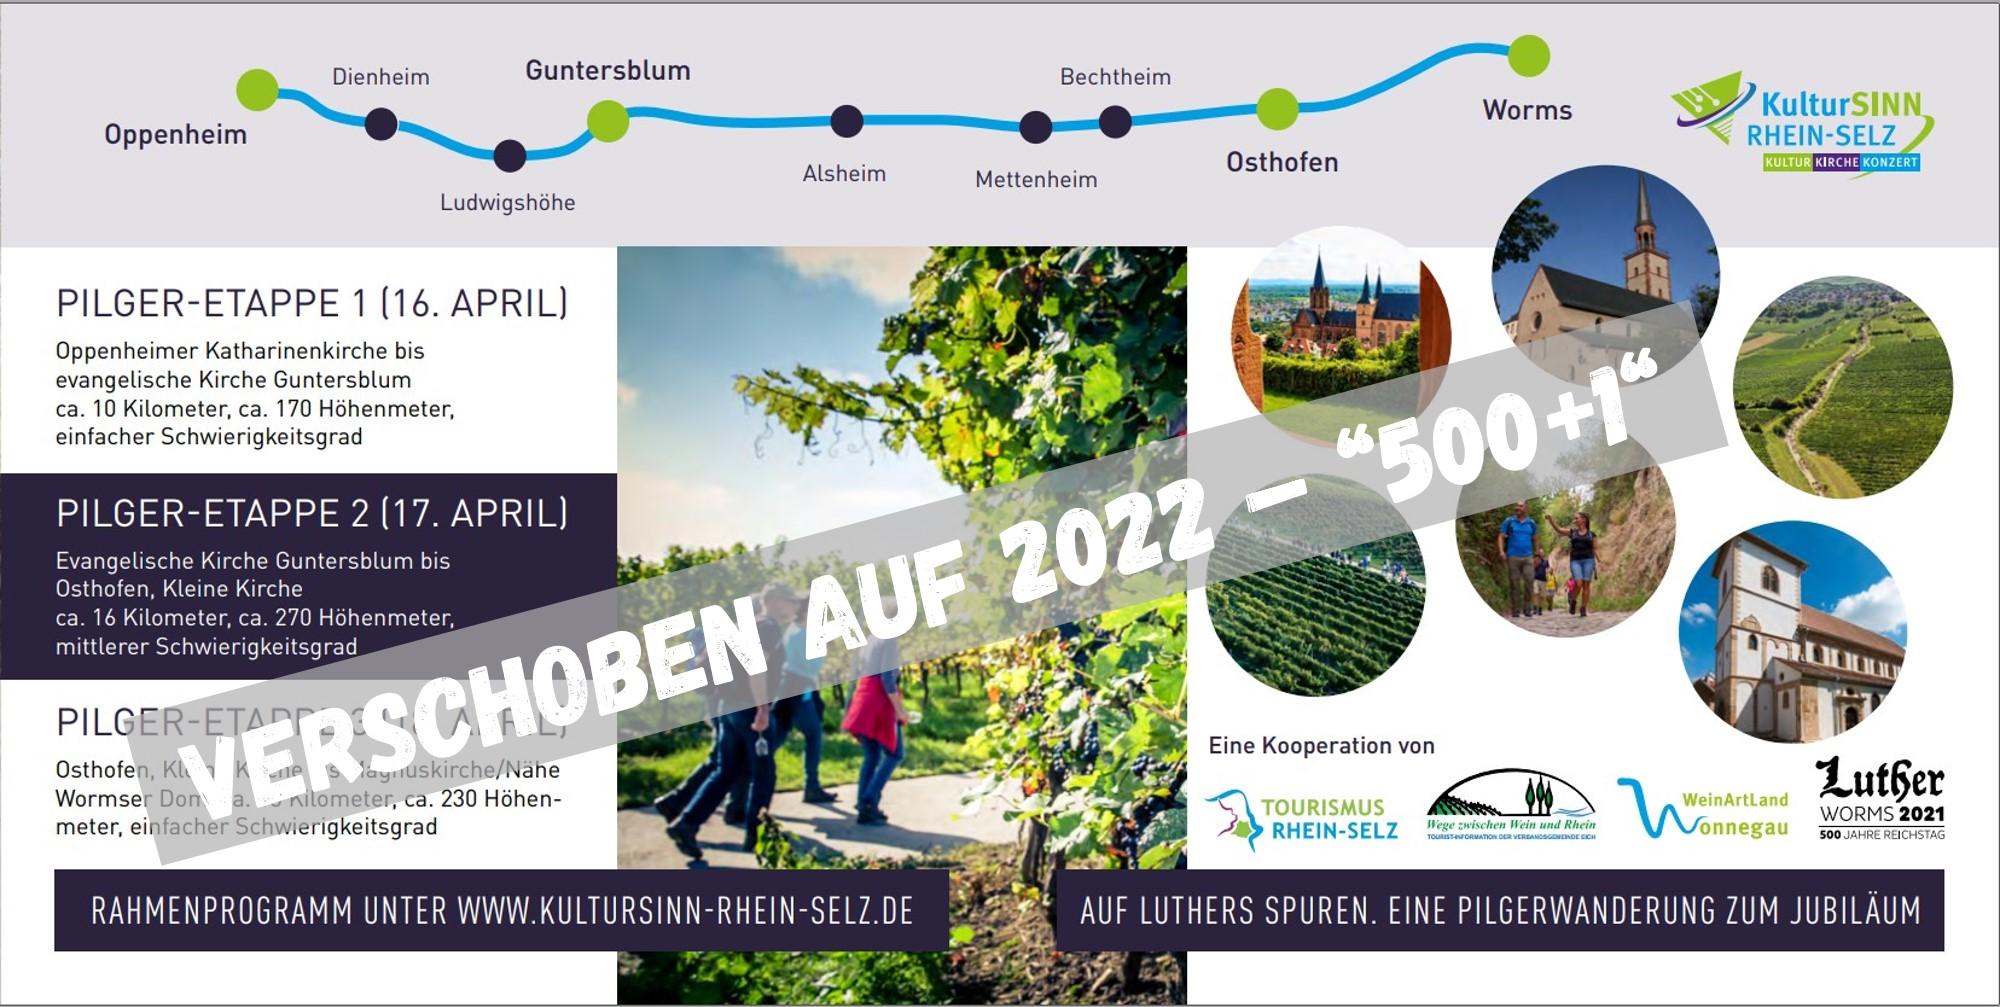 Lutherwanderung_500_20210329-130454_1